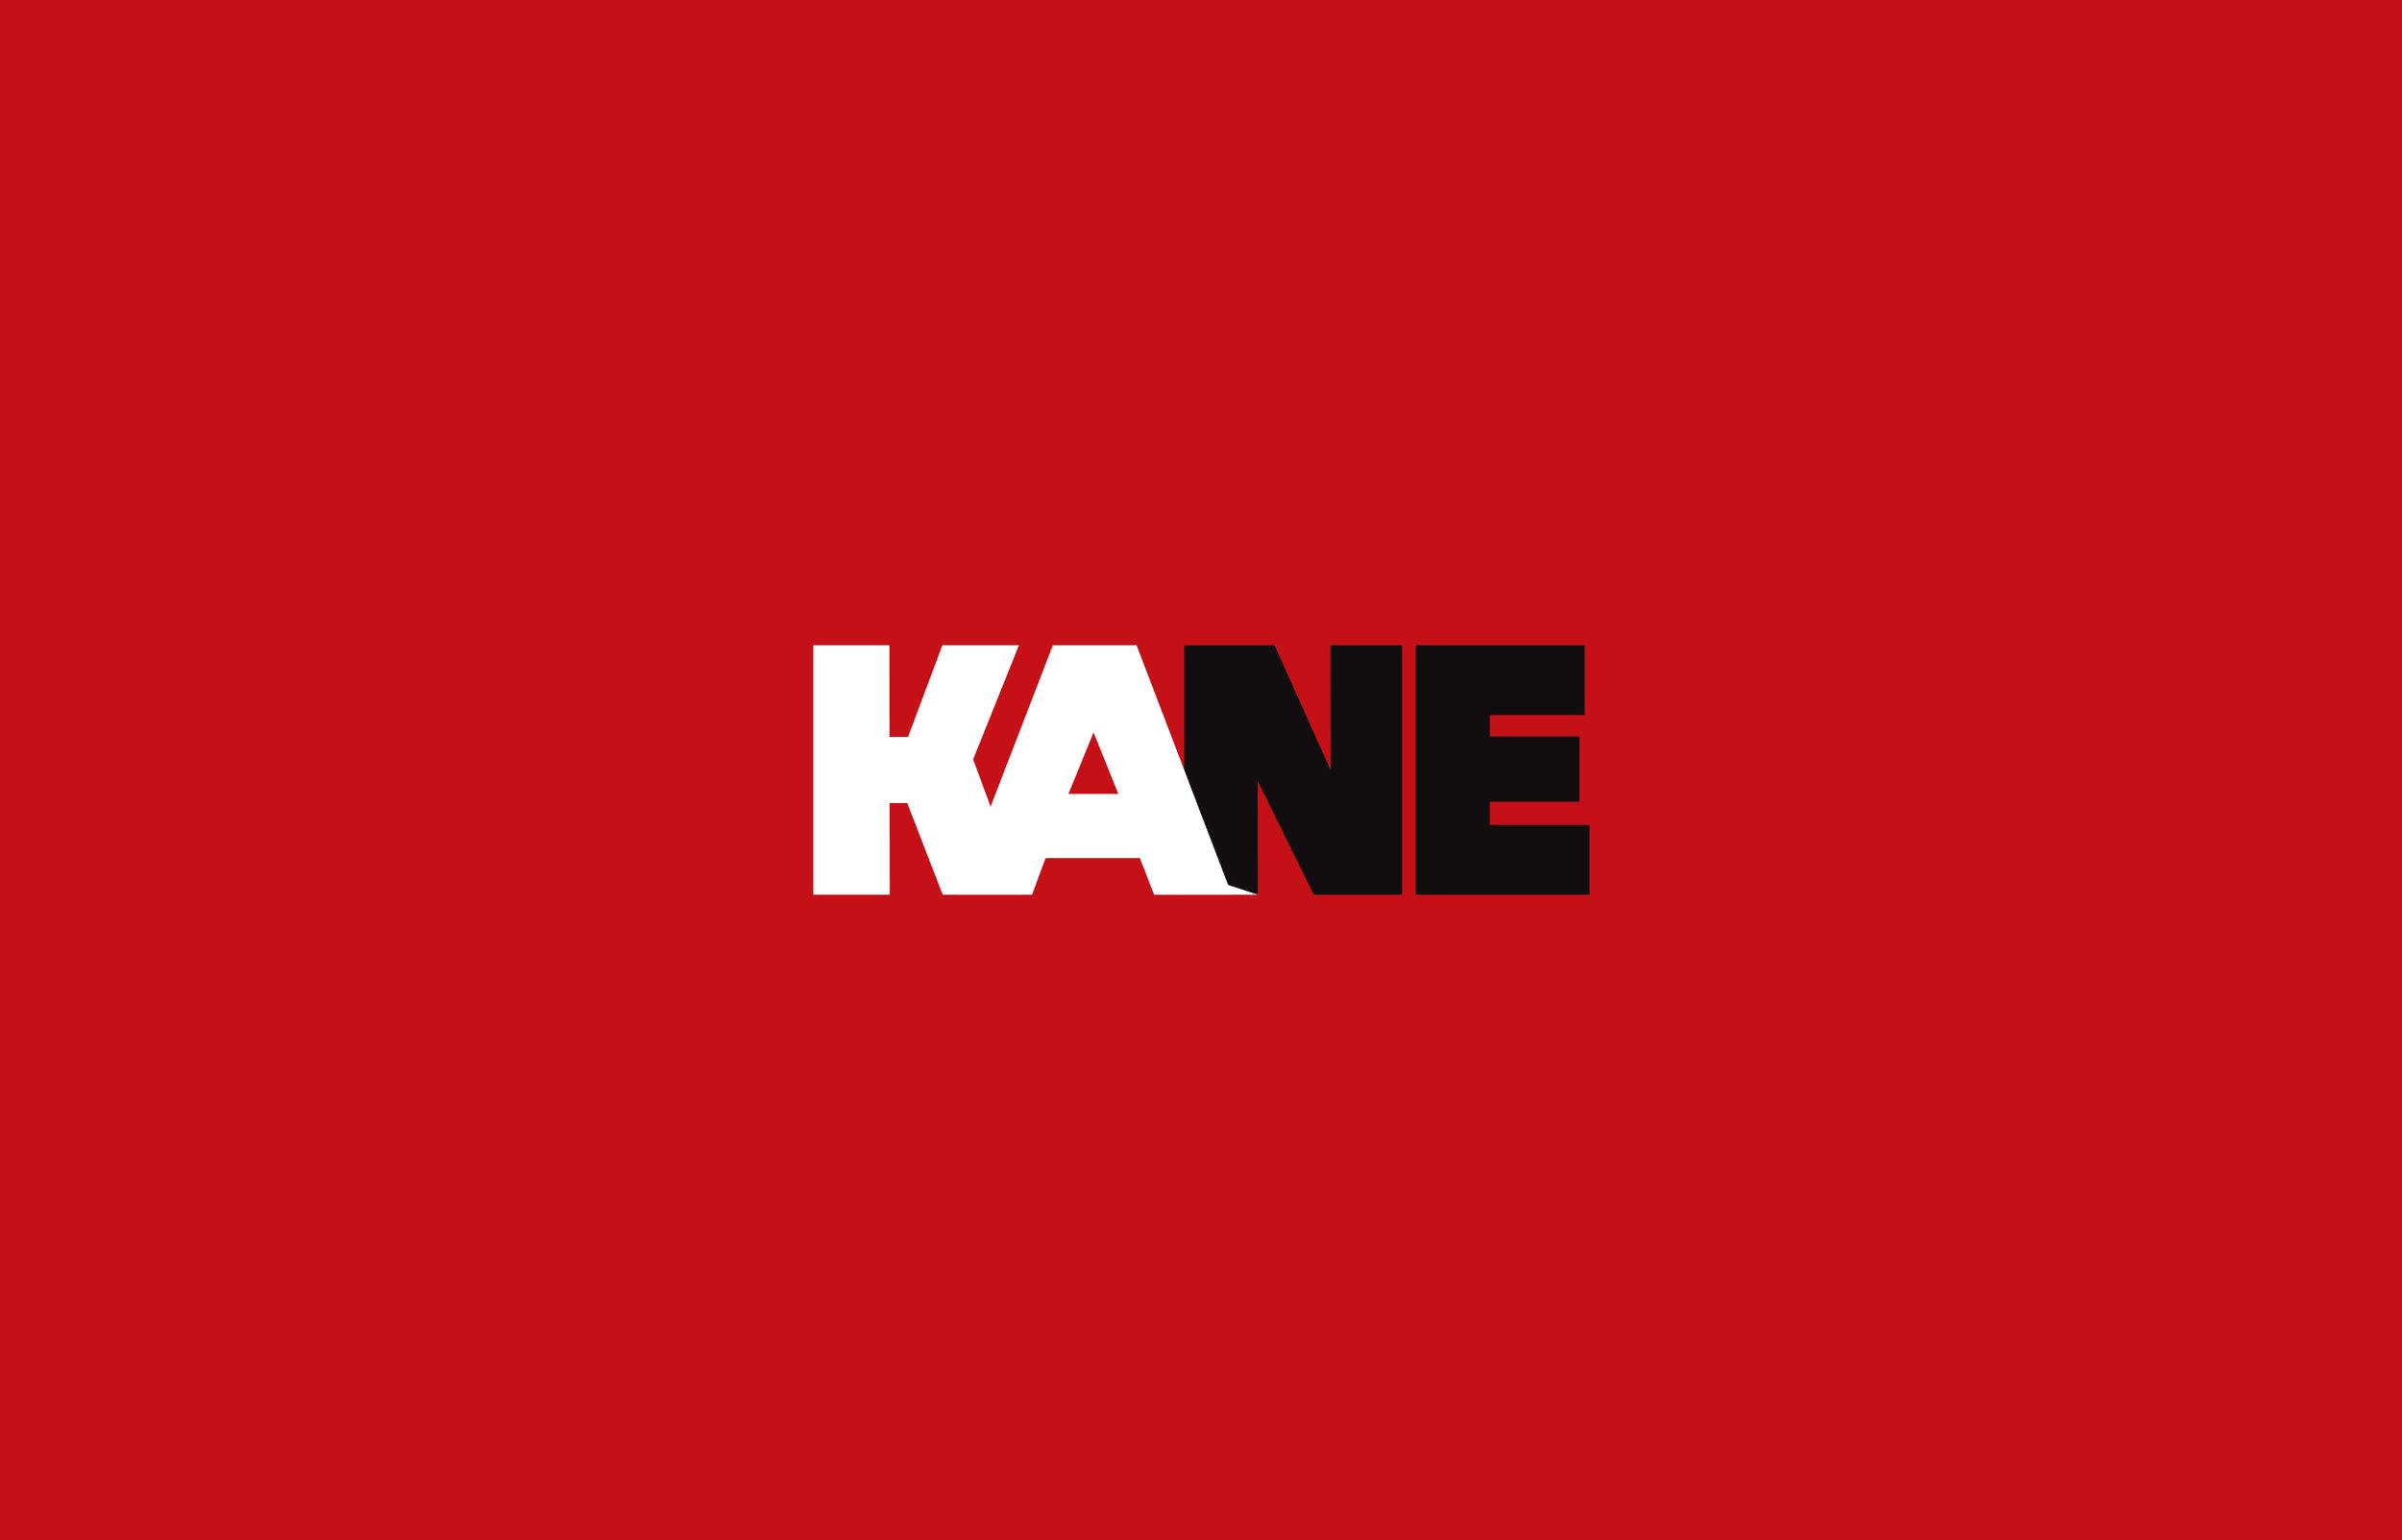 KANE_SPLASH.jpg